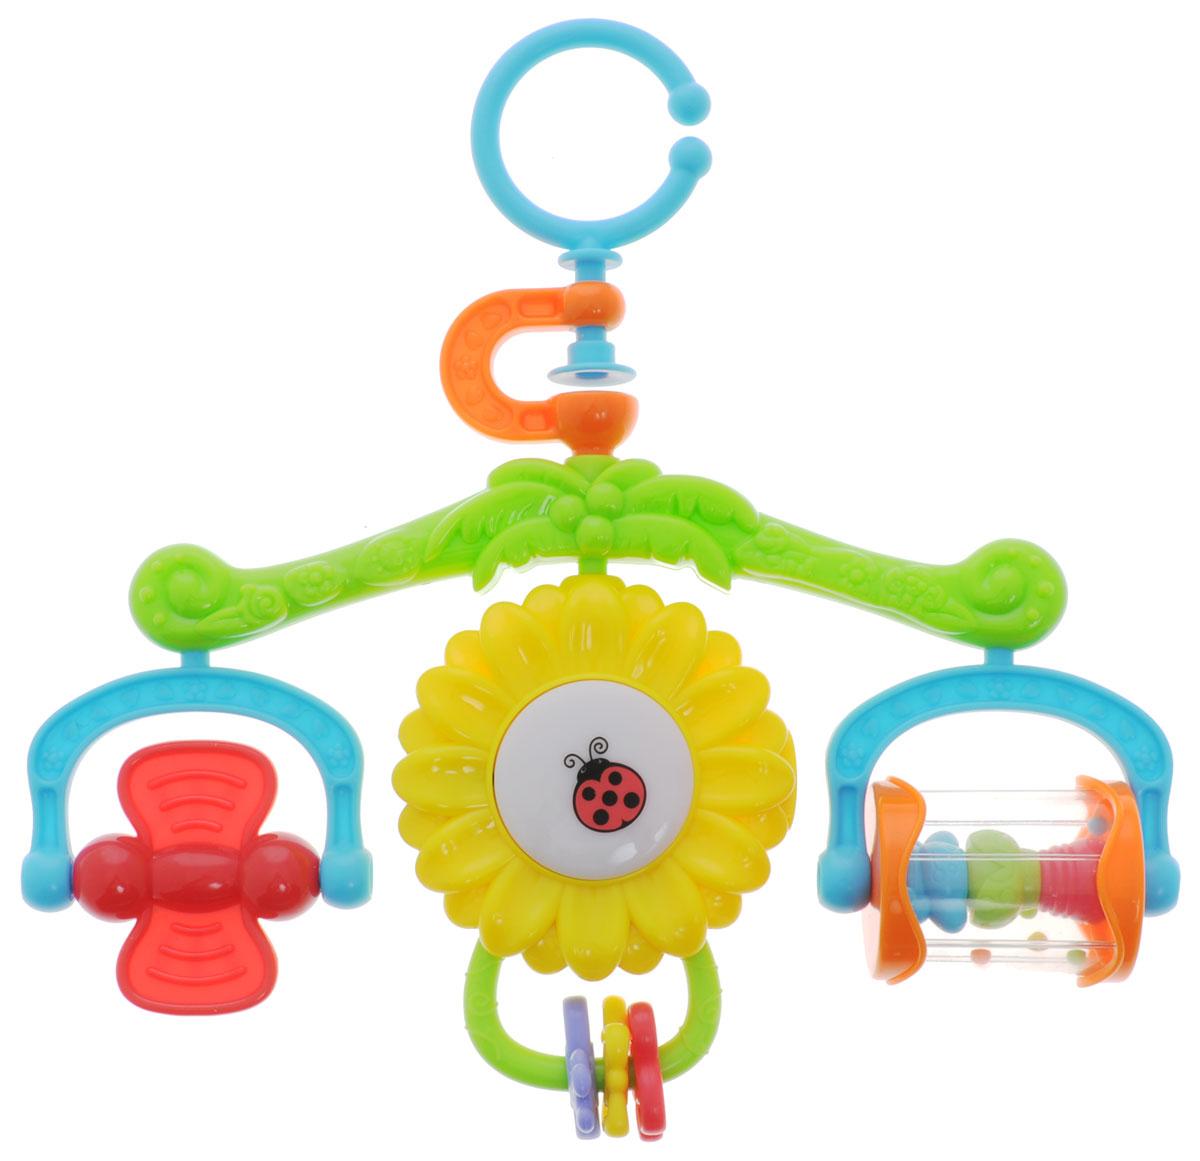 Playgo Музыкальный мобиль Солнышко - Игрушки для малышей